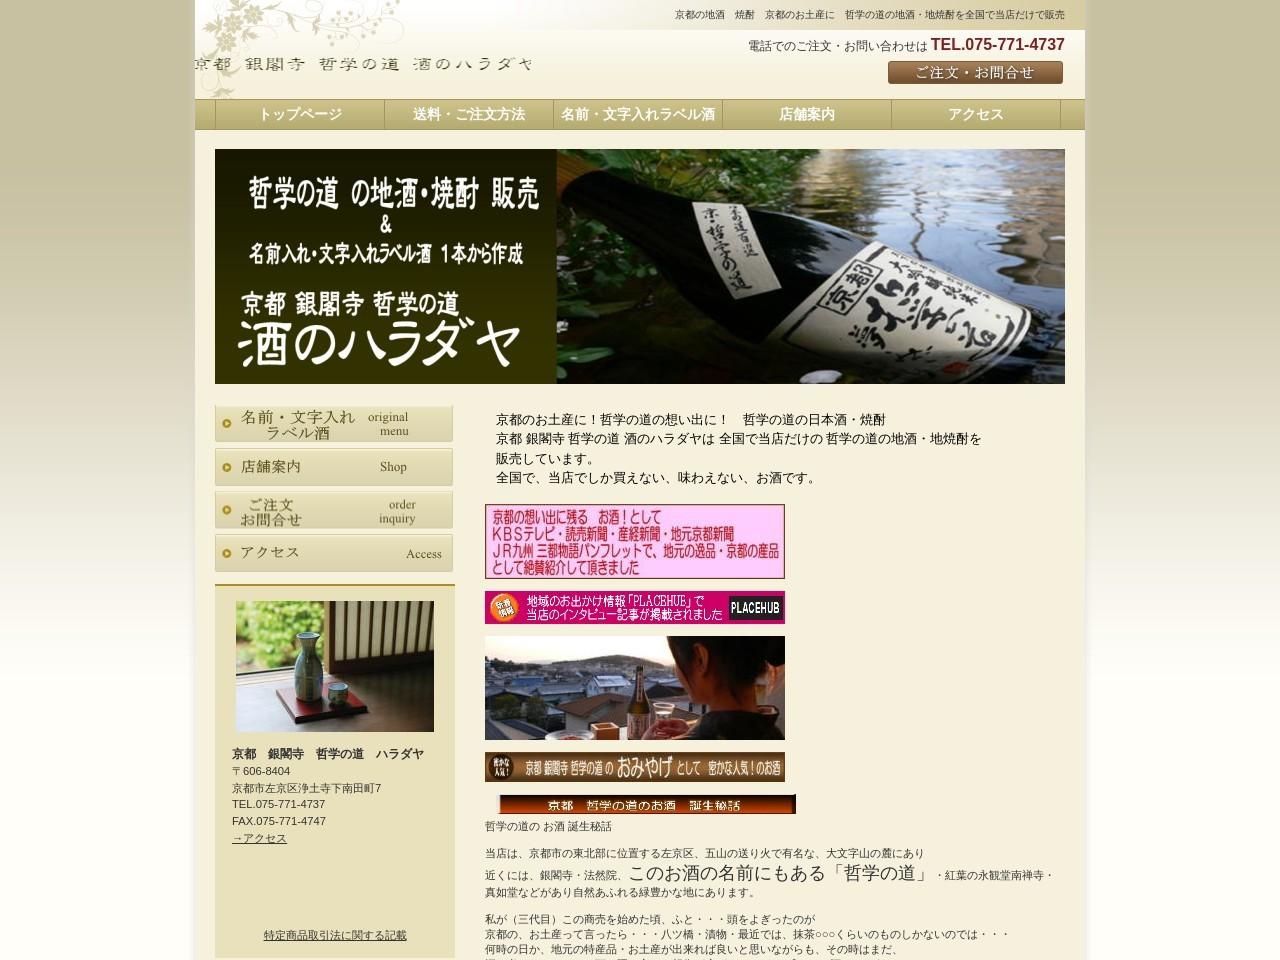 京都のお土産に 哲学の道の地酒・地焼酎を全国で当店だけで販売 京都 銀閣寺 哲学の道 酒のハラダヤ